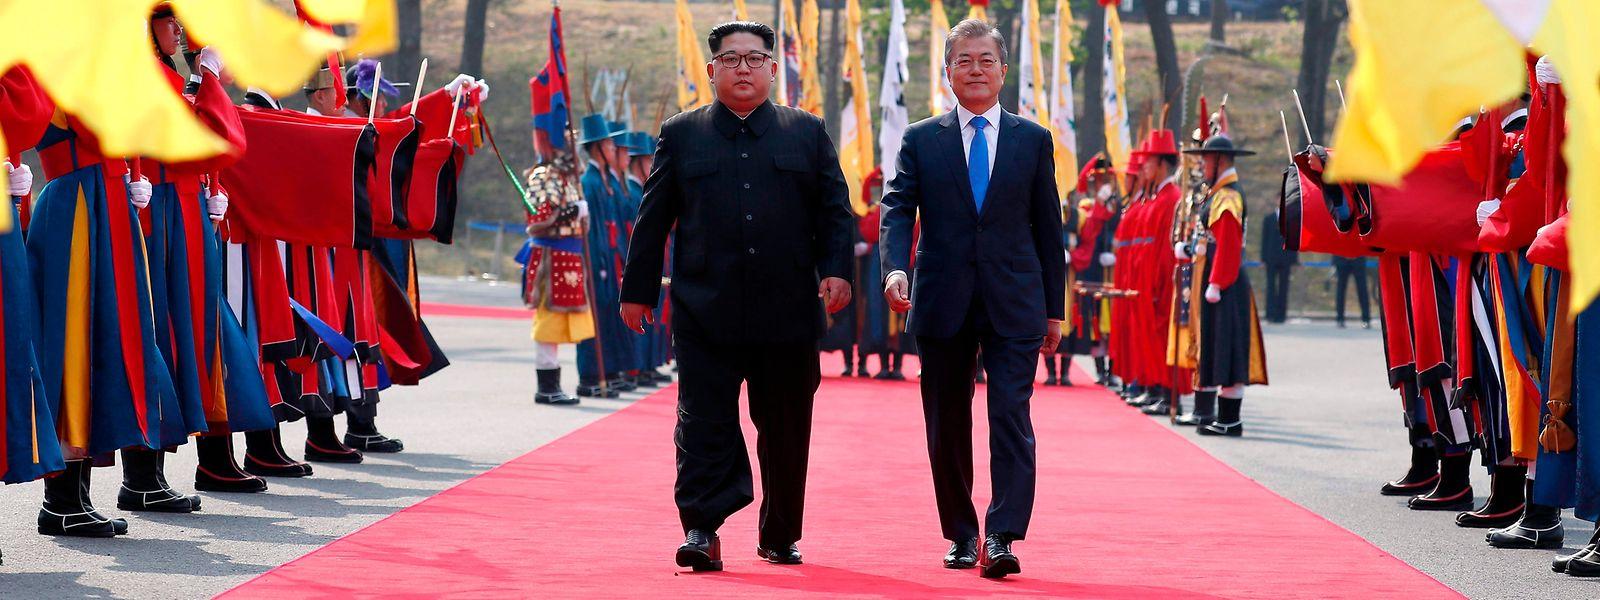 Am Donnerstag hatten sich die Staatschefs von Nord- und Südkorea an der Grenze getroffen.